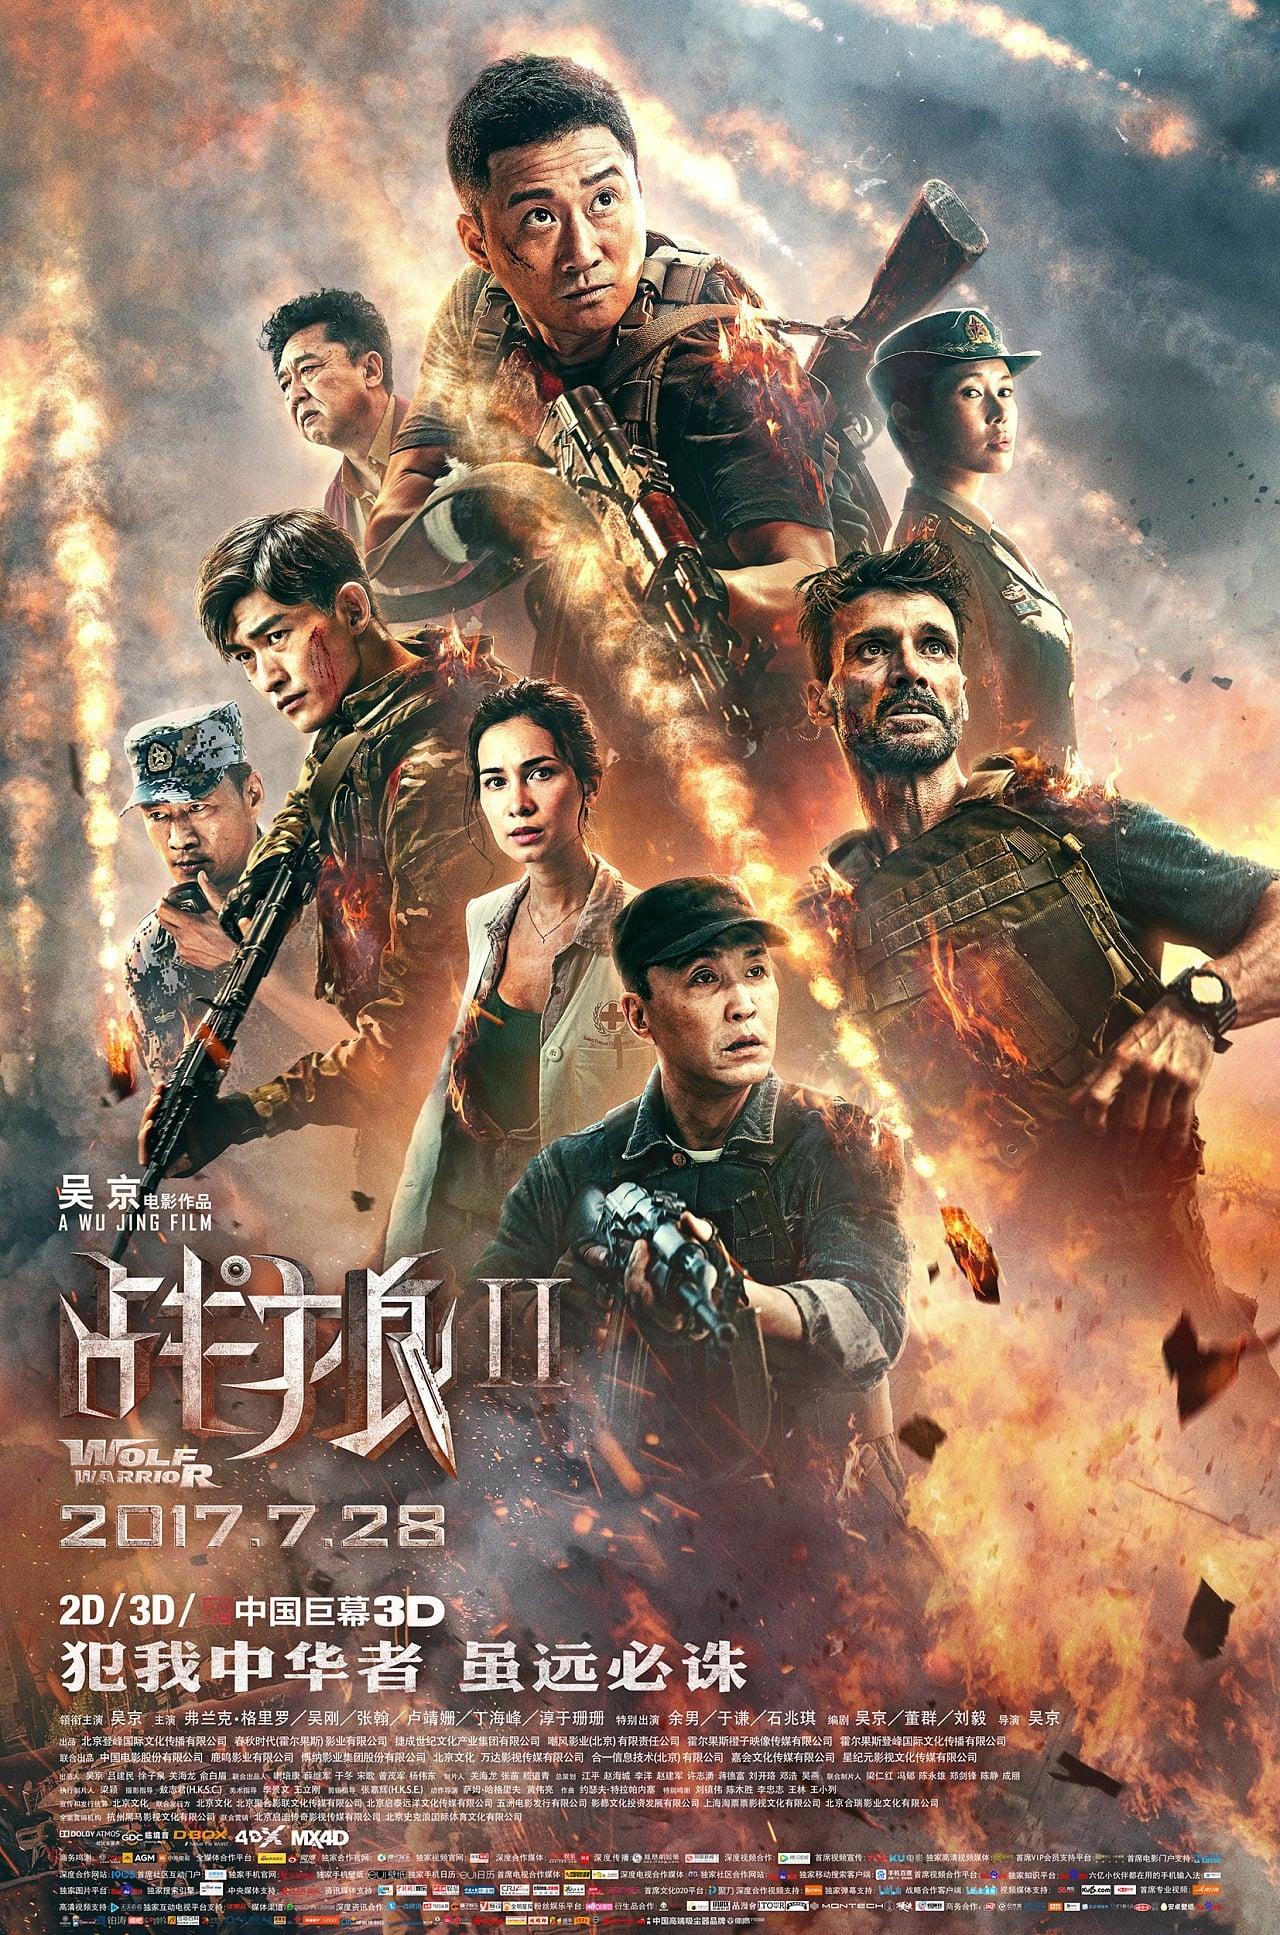 Pelicula Wolf Warrior 2 (2017) HD 1080P LATINO/CHINO Online imagen